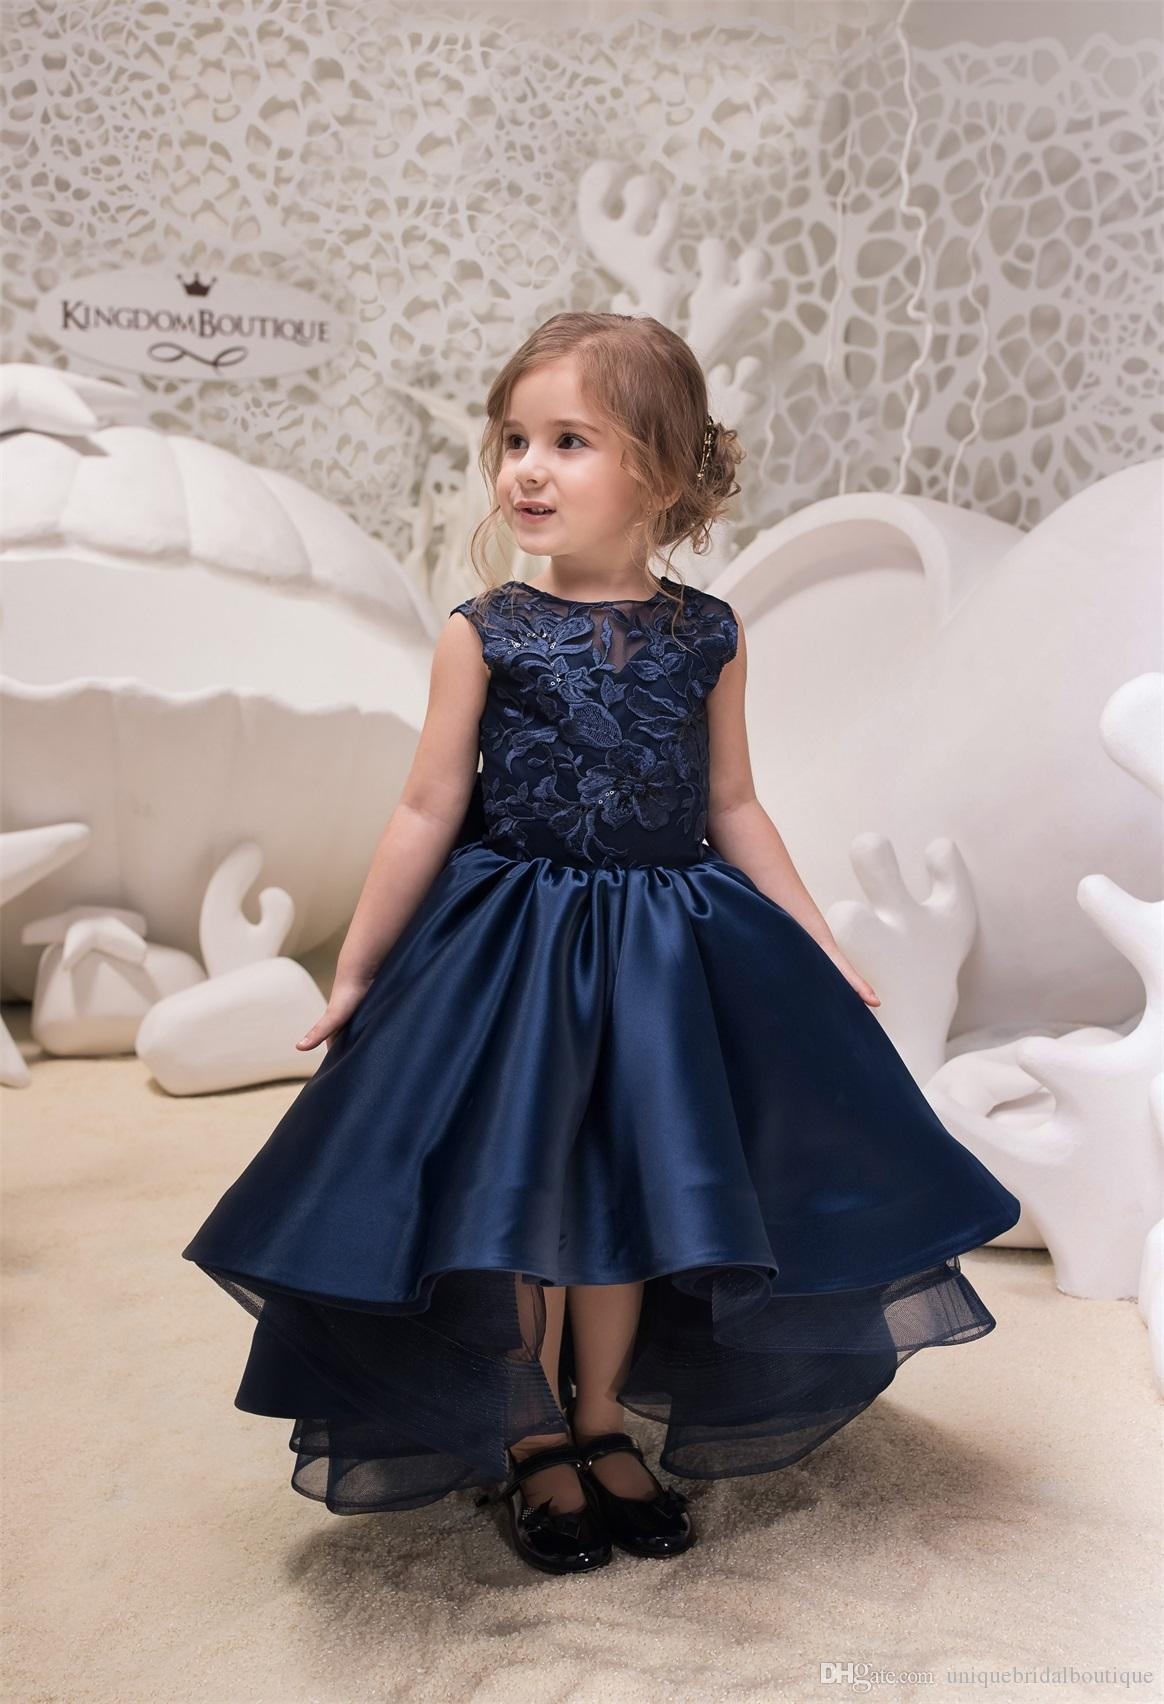 b813554c31a Hallo Lo Kids Prom Dresses 2018 Mutter Tochter Kleider Navy Blue  Blumenmädchen Kleid Big Bow V-Zurück Formelle Party Wear für kleine Mädchen